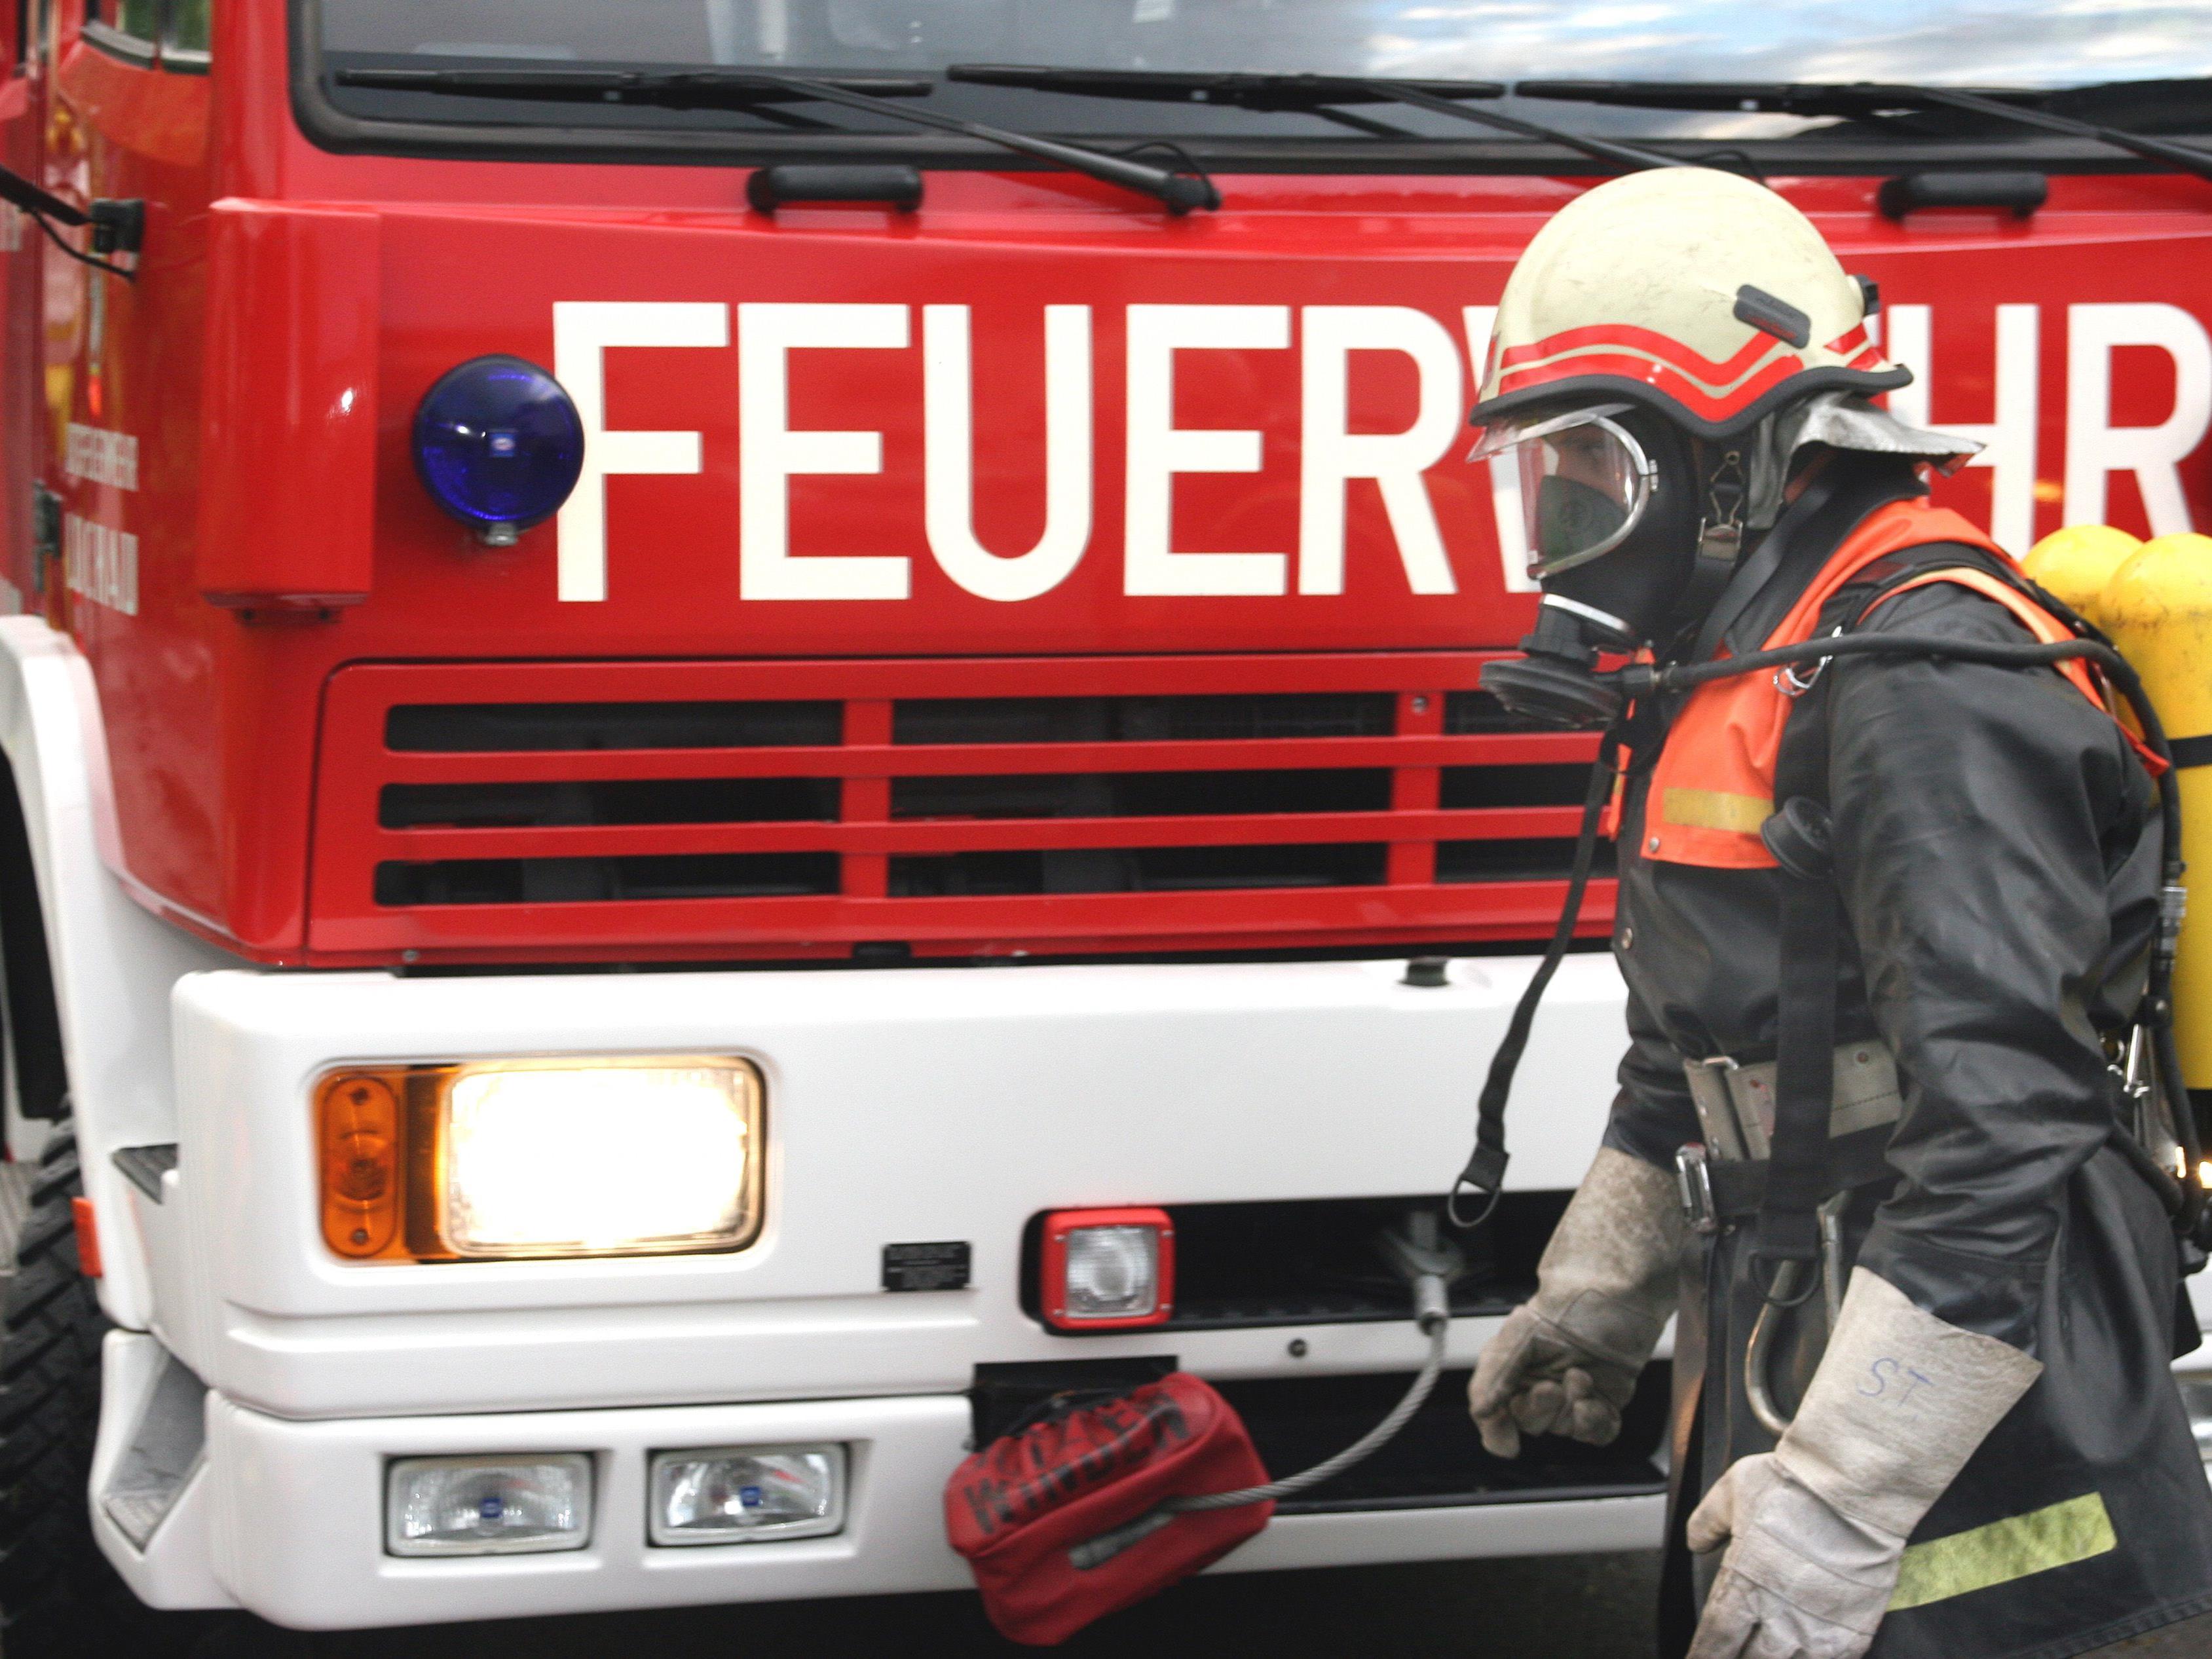 Die Feuerwehr war nach den Unwettern in Österreich im Dauereinsatz